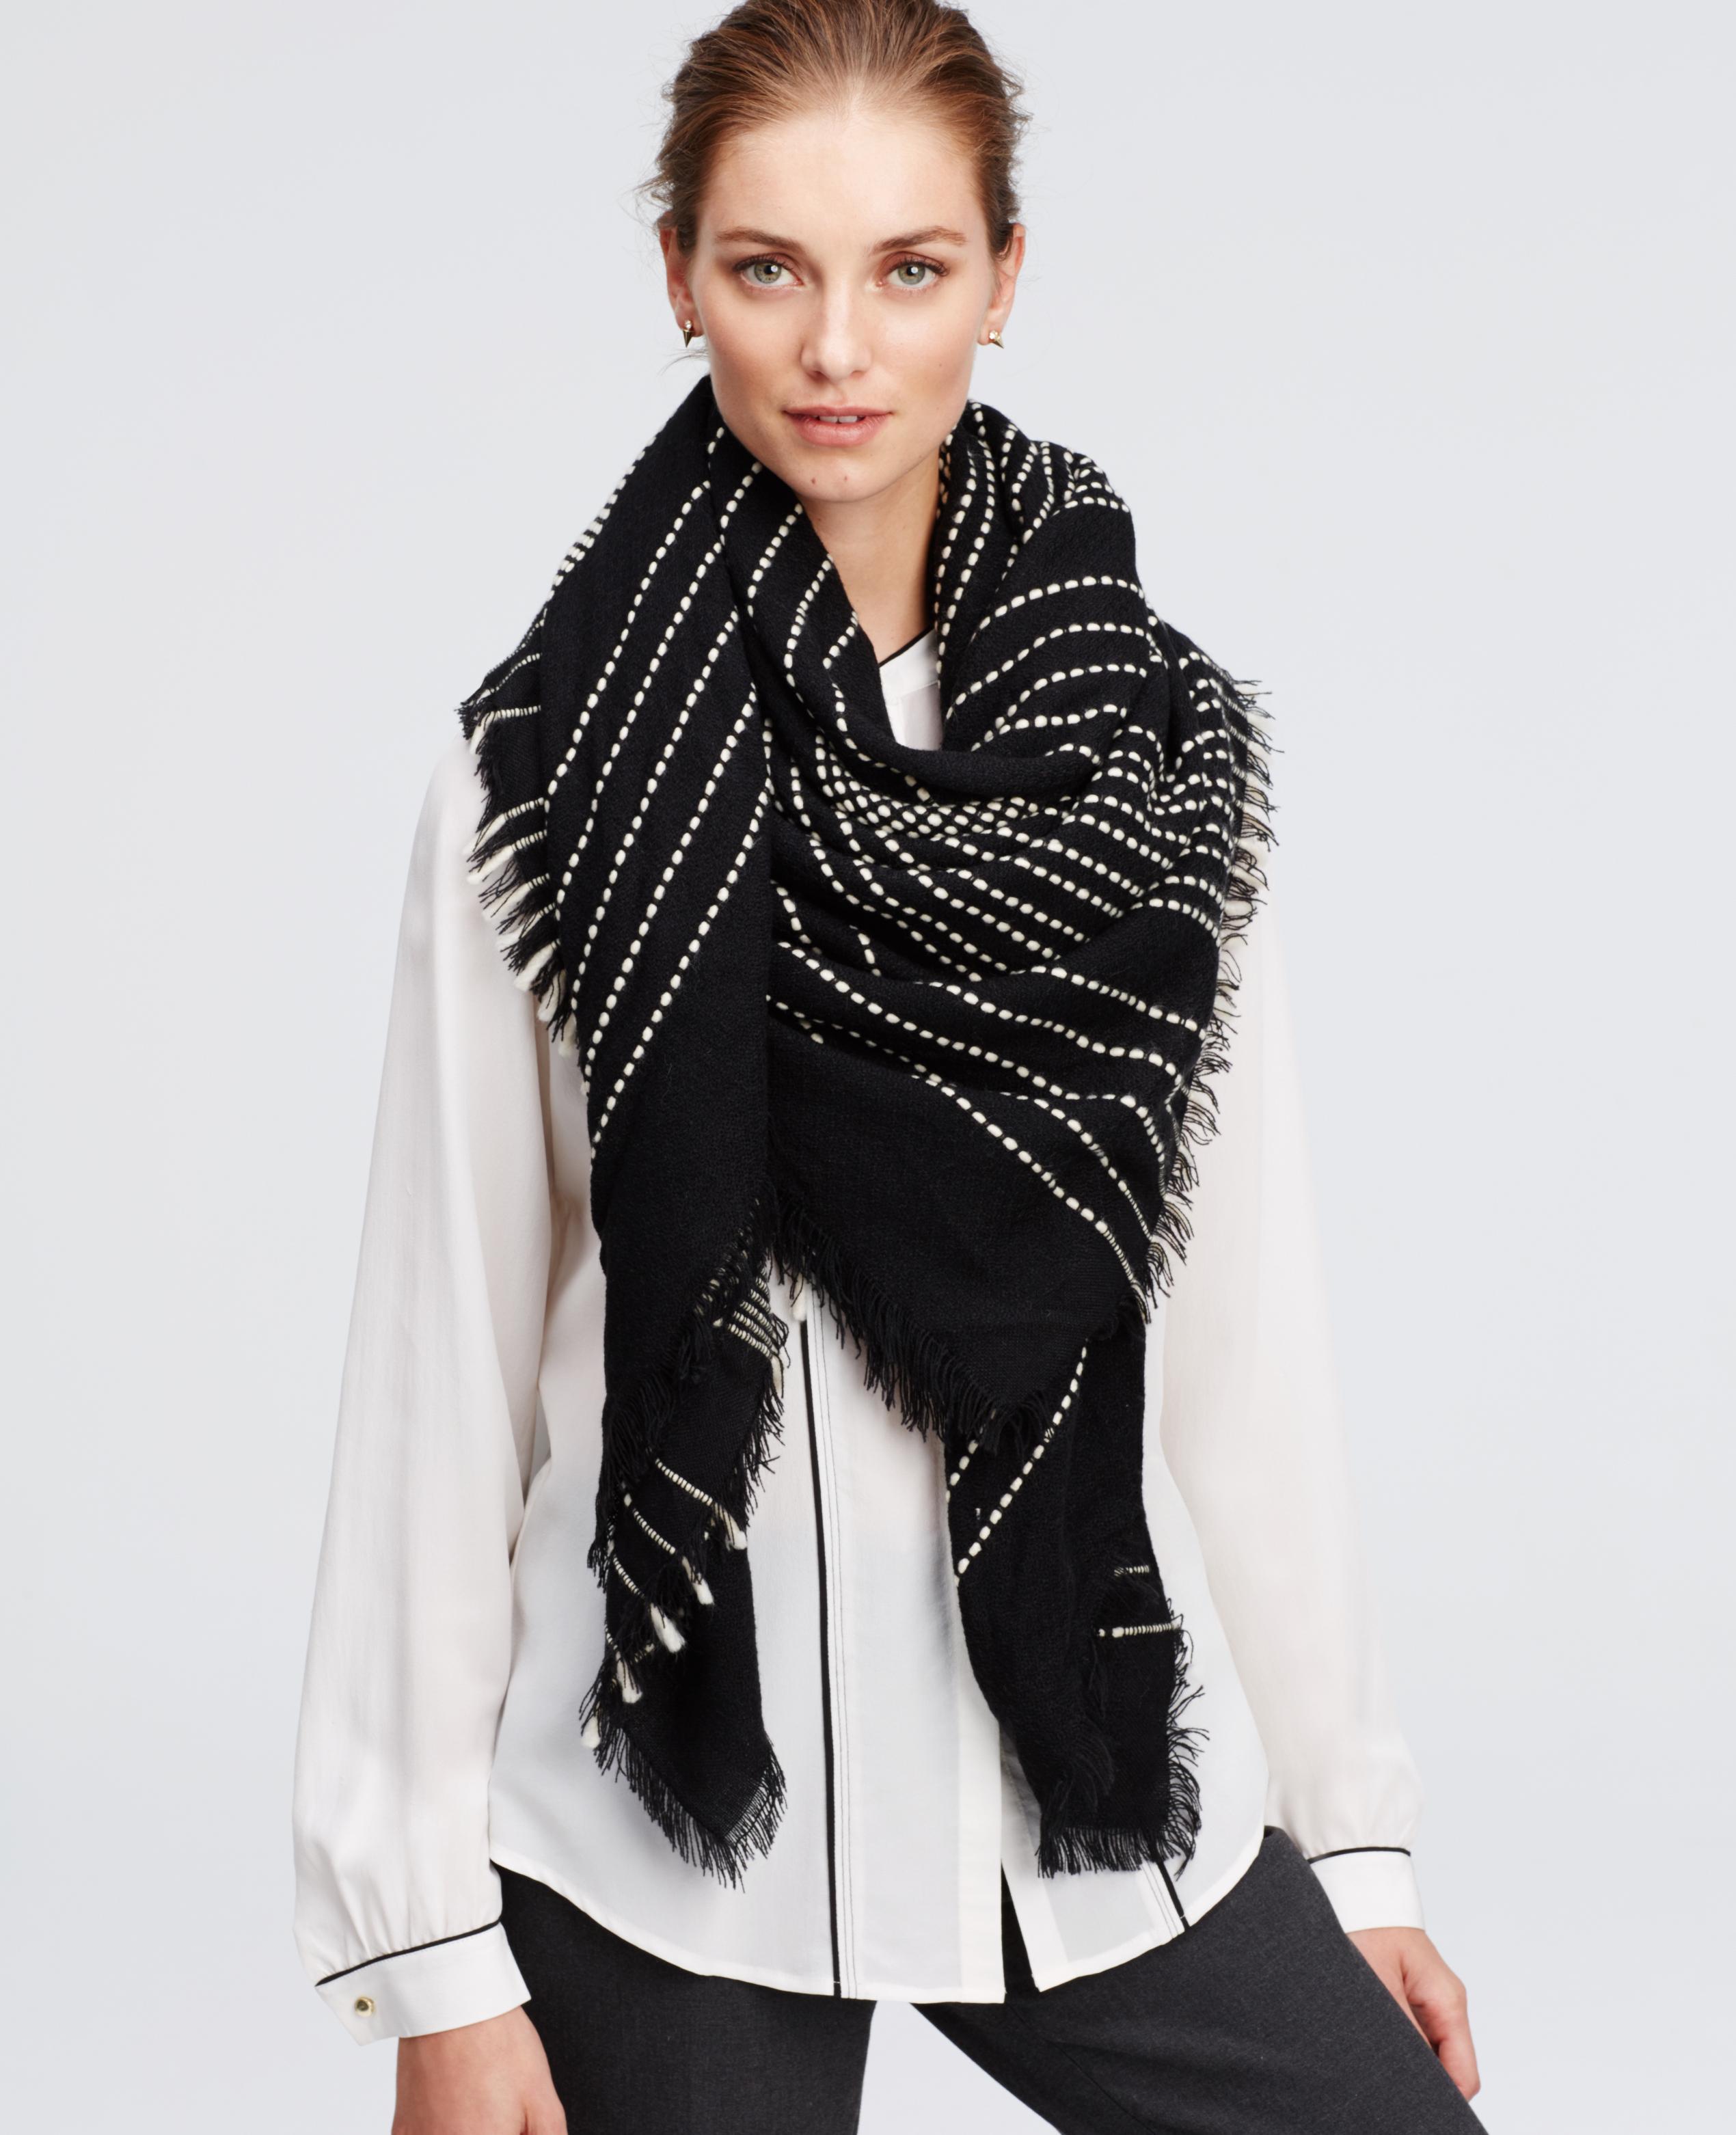 Lyst - Ann Taylor Stitched Stripe Blanket Scarf in Black 0a77a4665